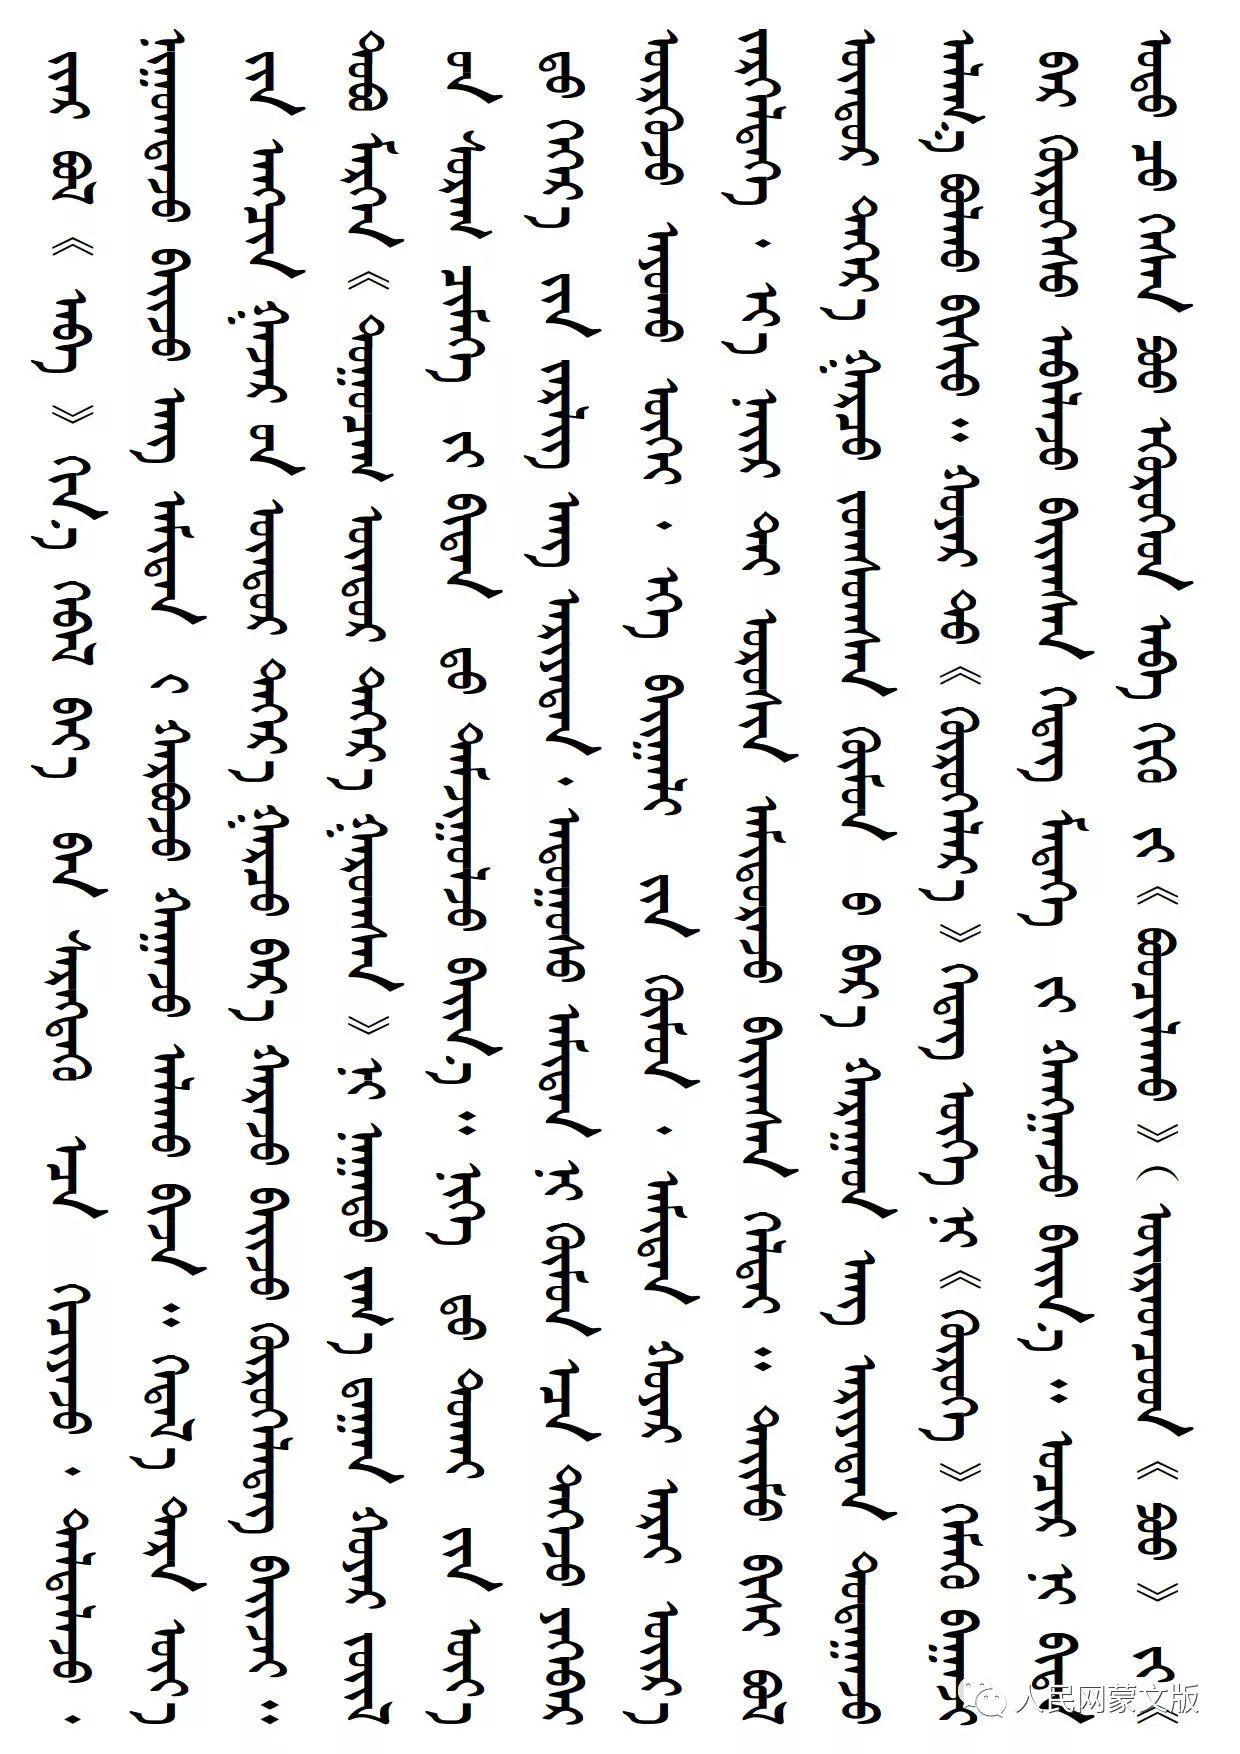 蒙古民俗探源 有关蒙古族狩猎的专有名词 第5张 蒙古民俗探源 有关蒙古族狩猎的专有名词 蒙古文库